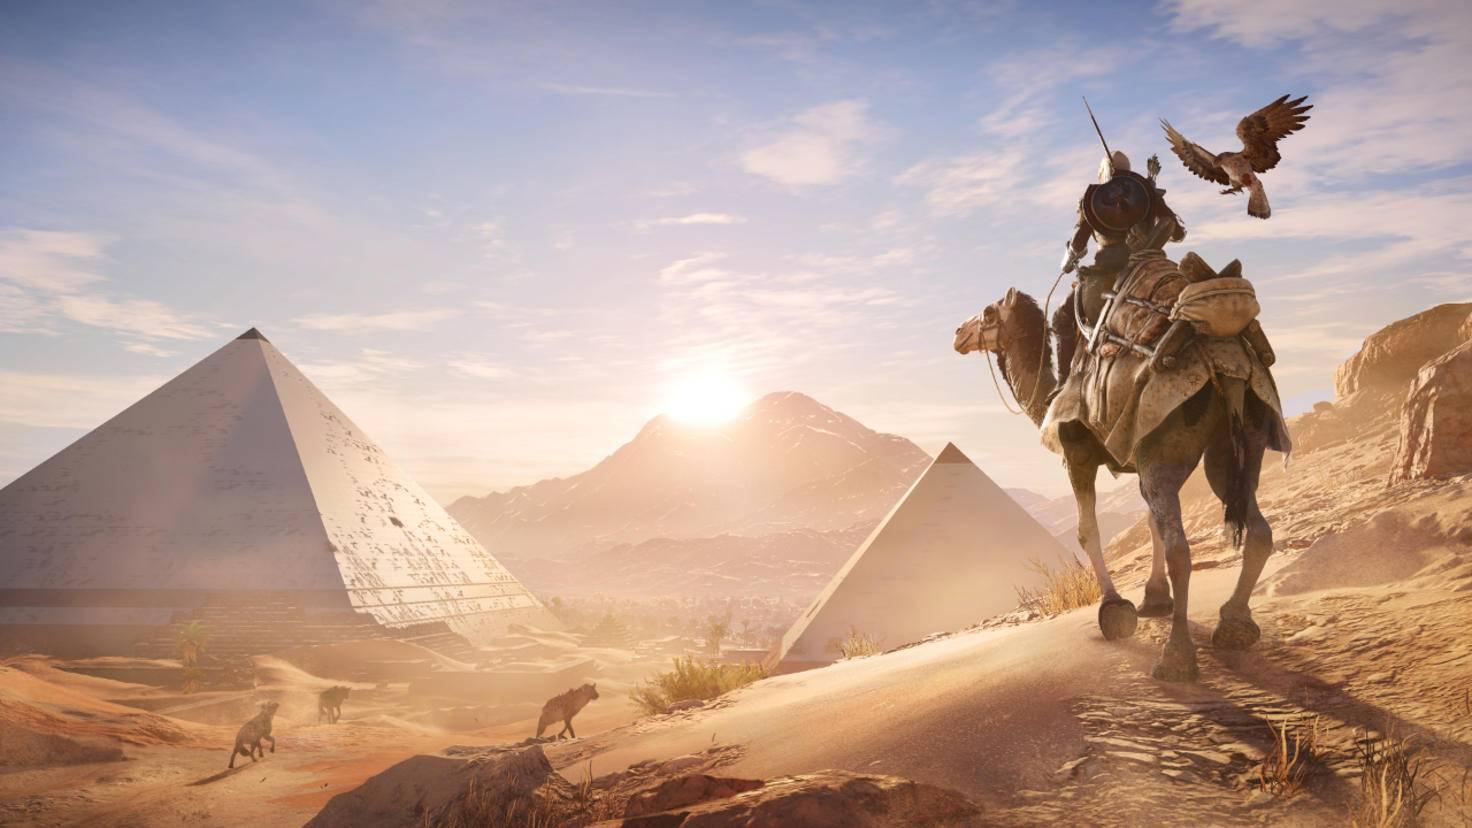 """""""Assassin's Creed: Origins"""" ist eines von vielen Spielen, die auf der Xbox One X in verbesserter Grafik und Performance erstrahlen."""